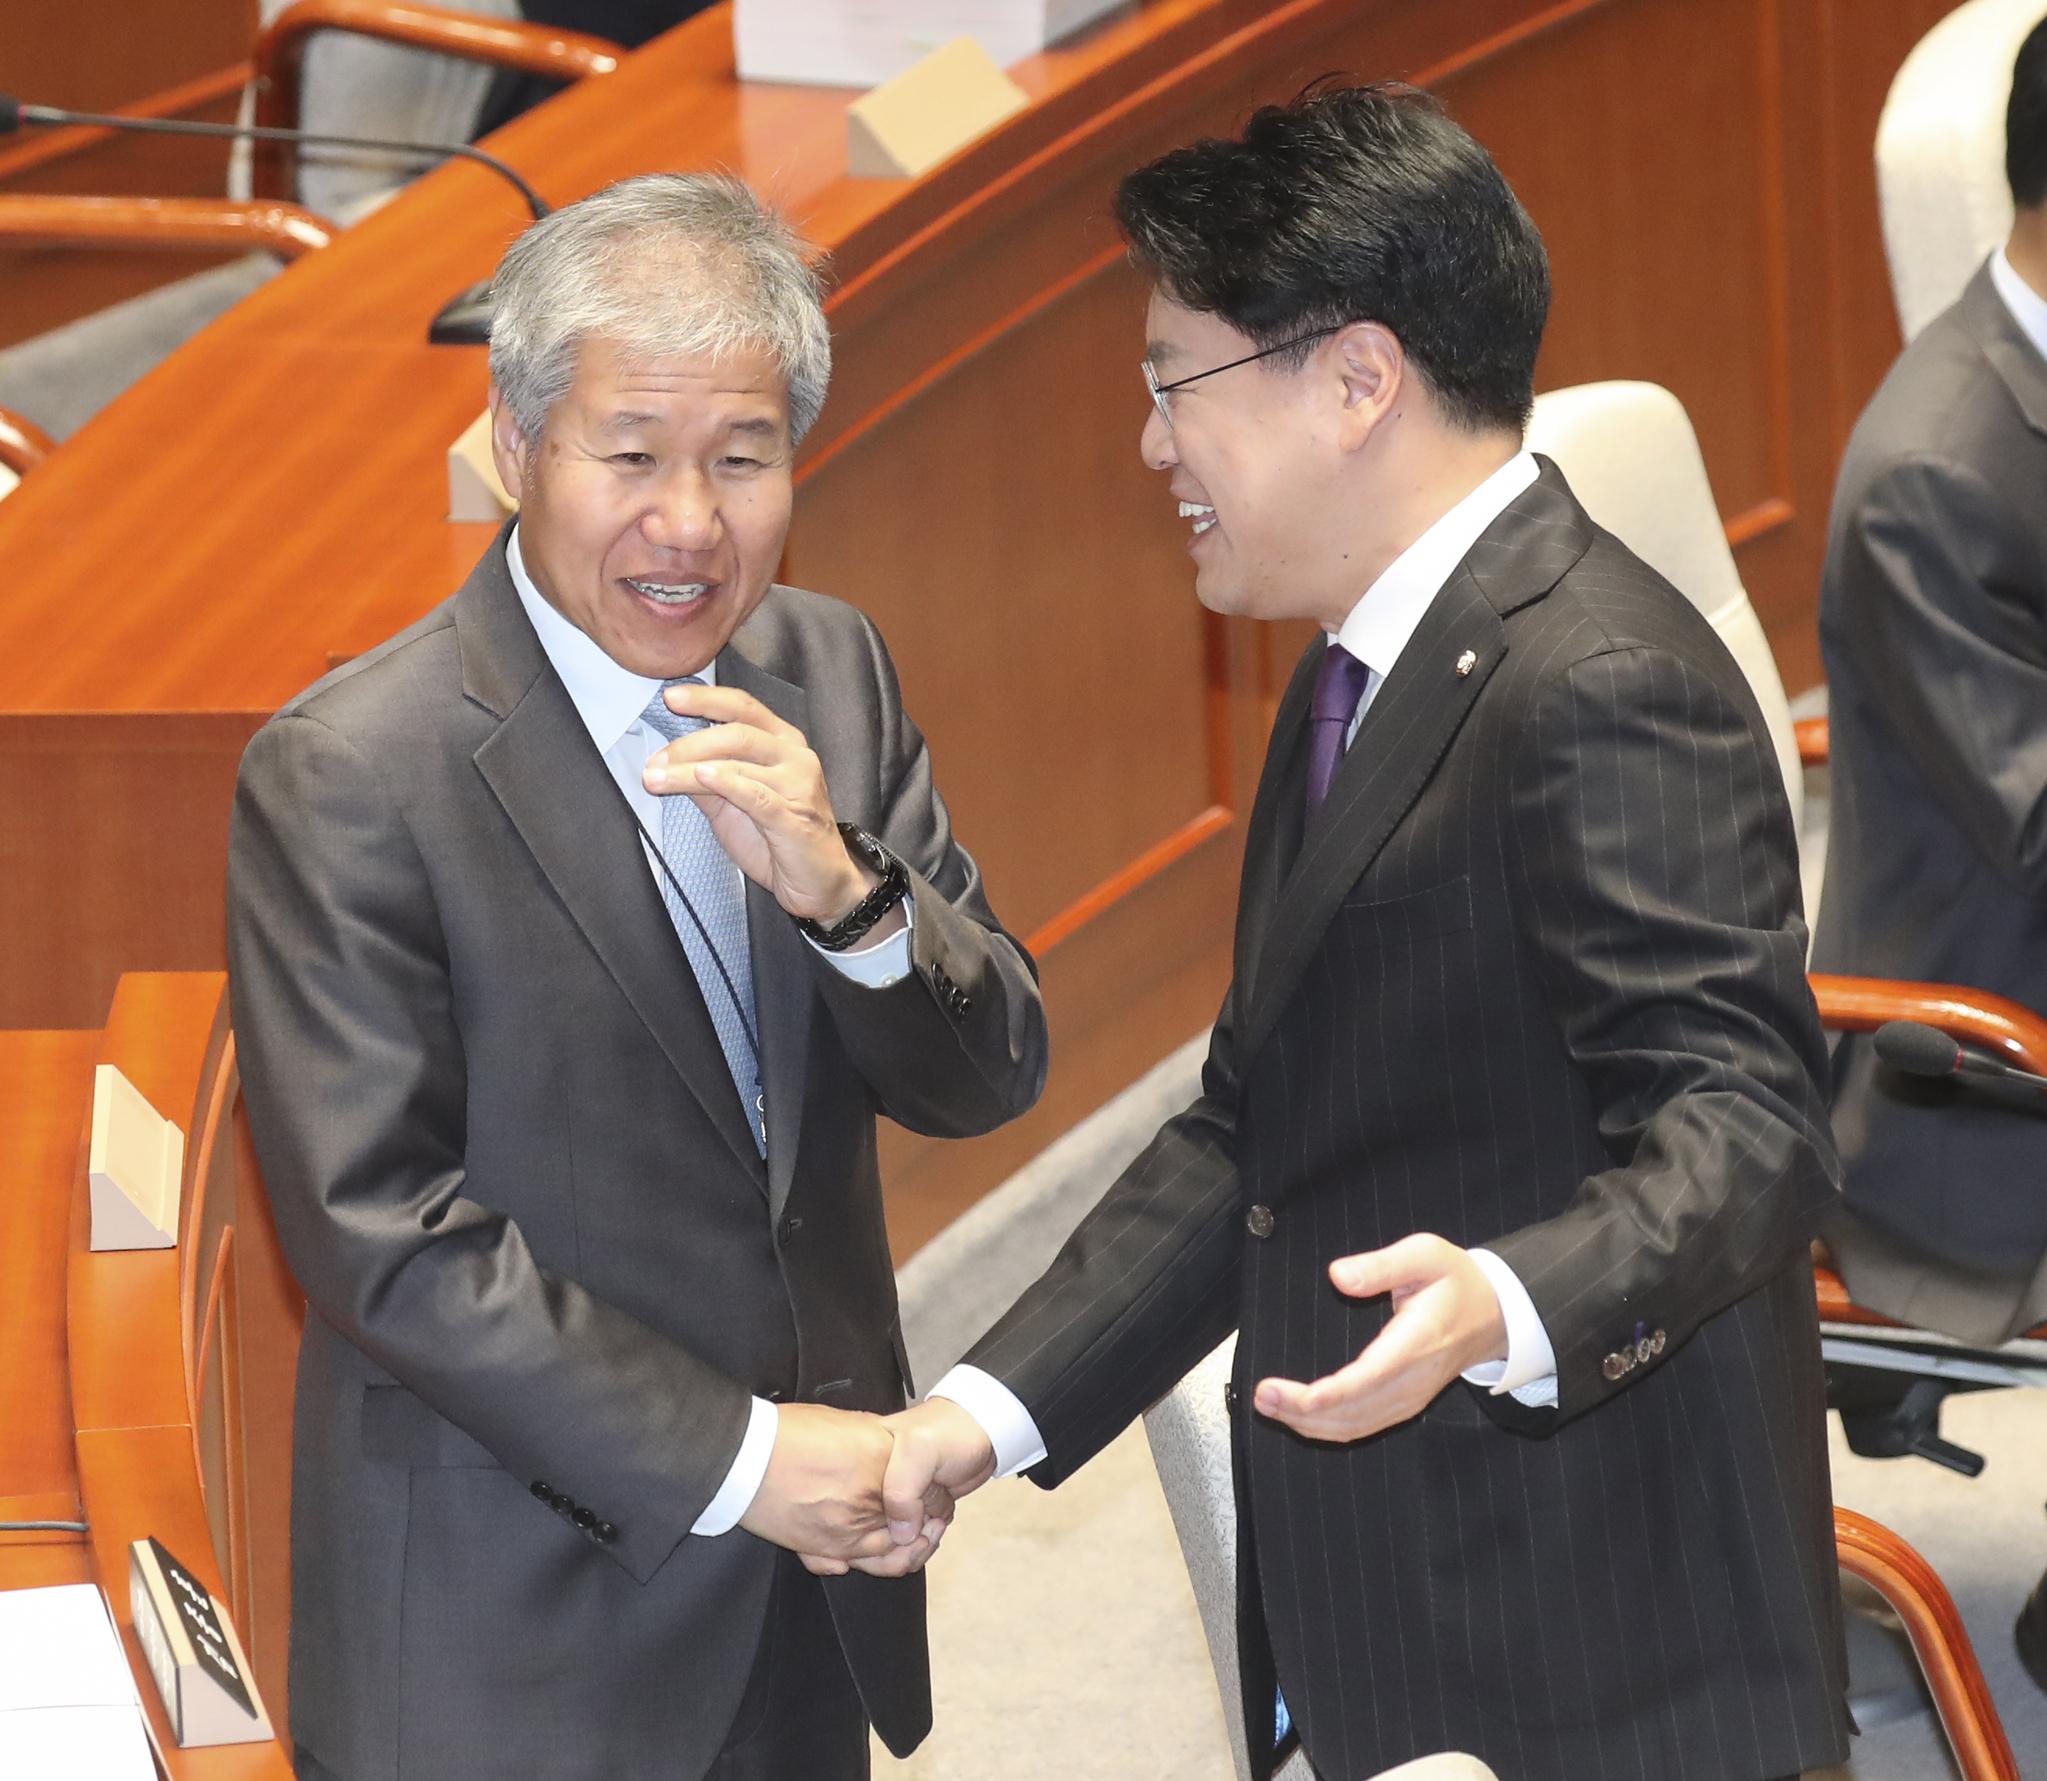 김수현, 예결위 소위 참석하라는 한국당 요구 거부